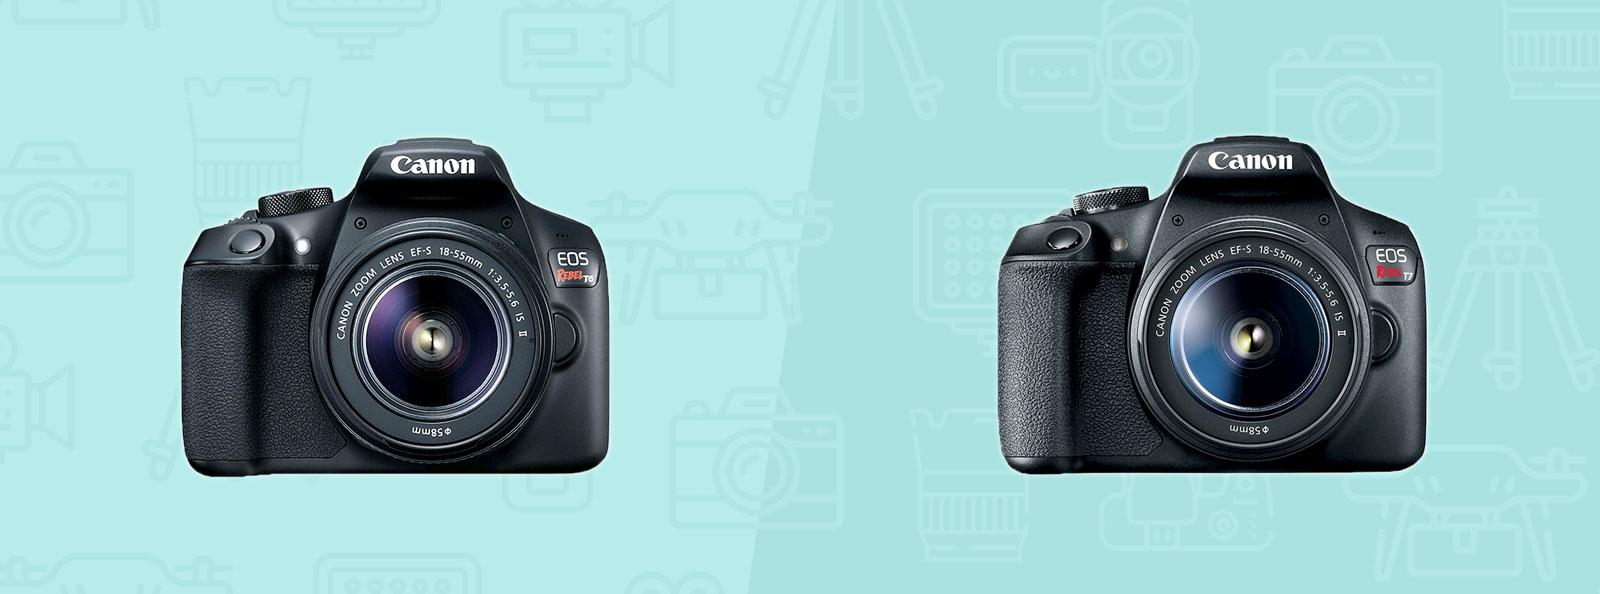 Canon T6 vs T7